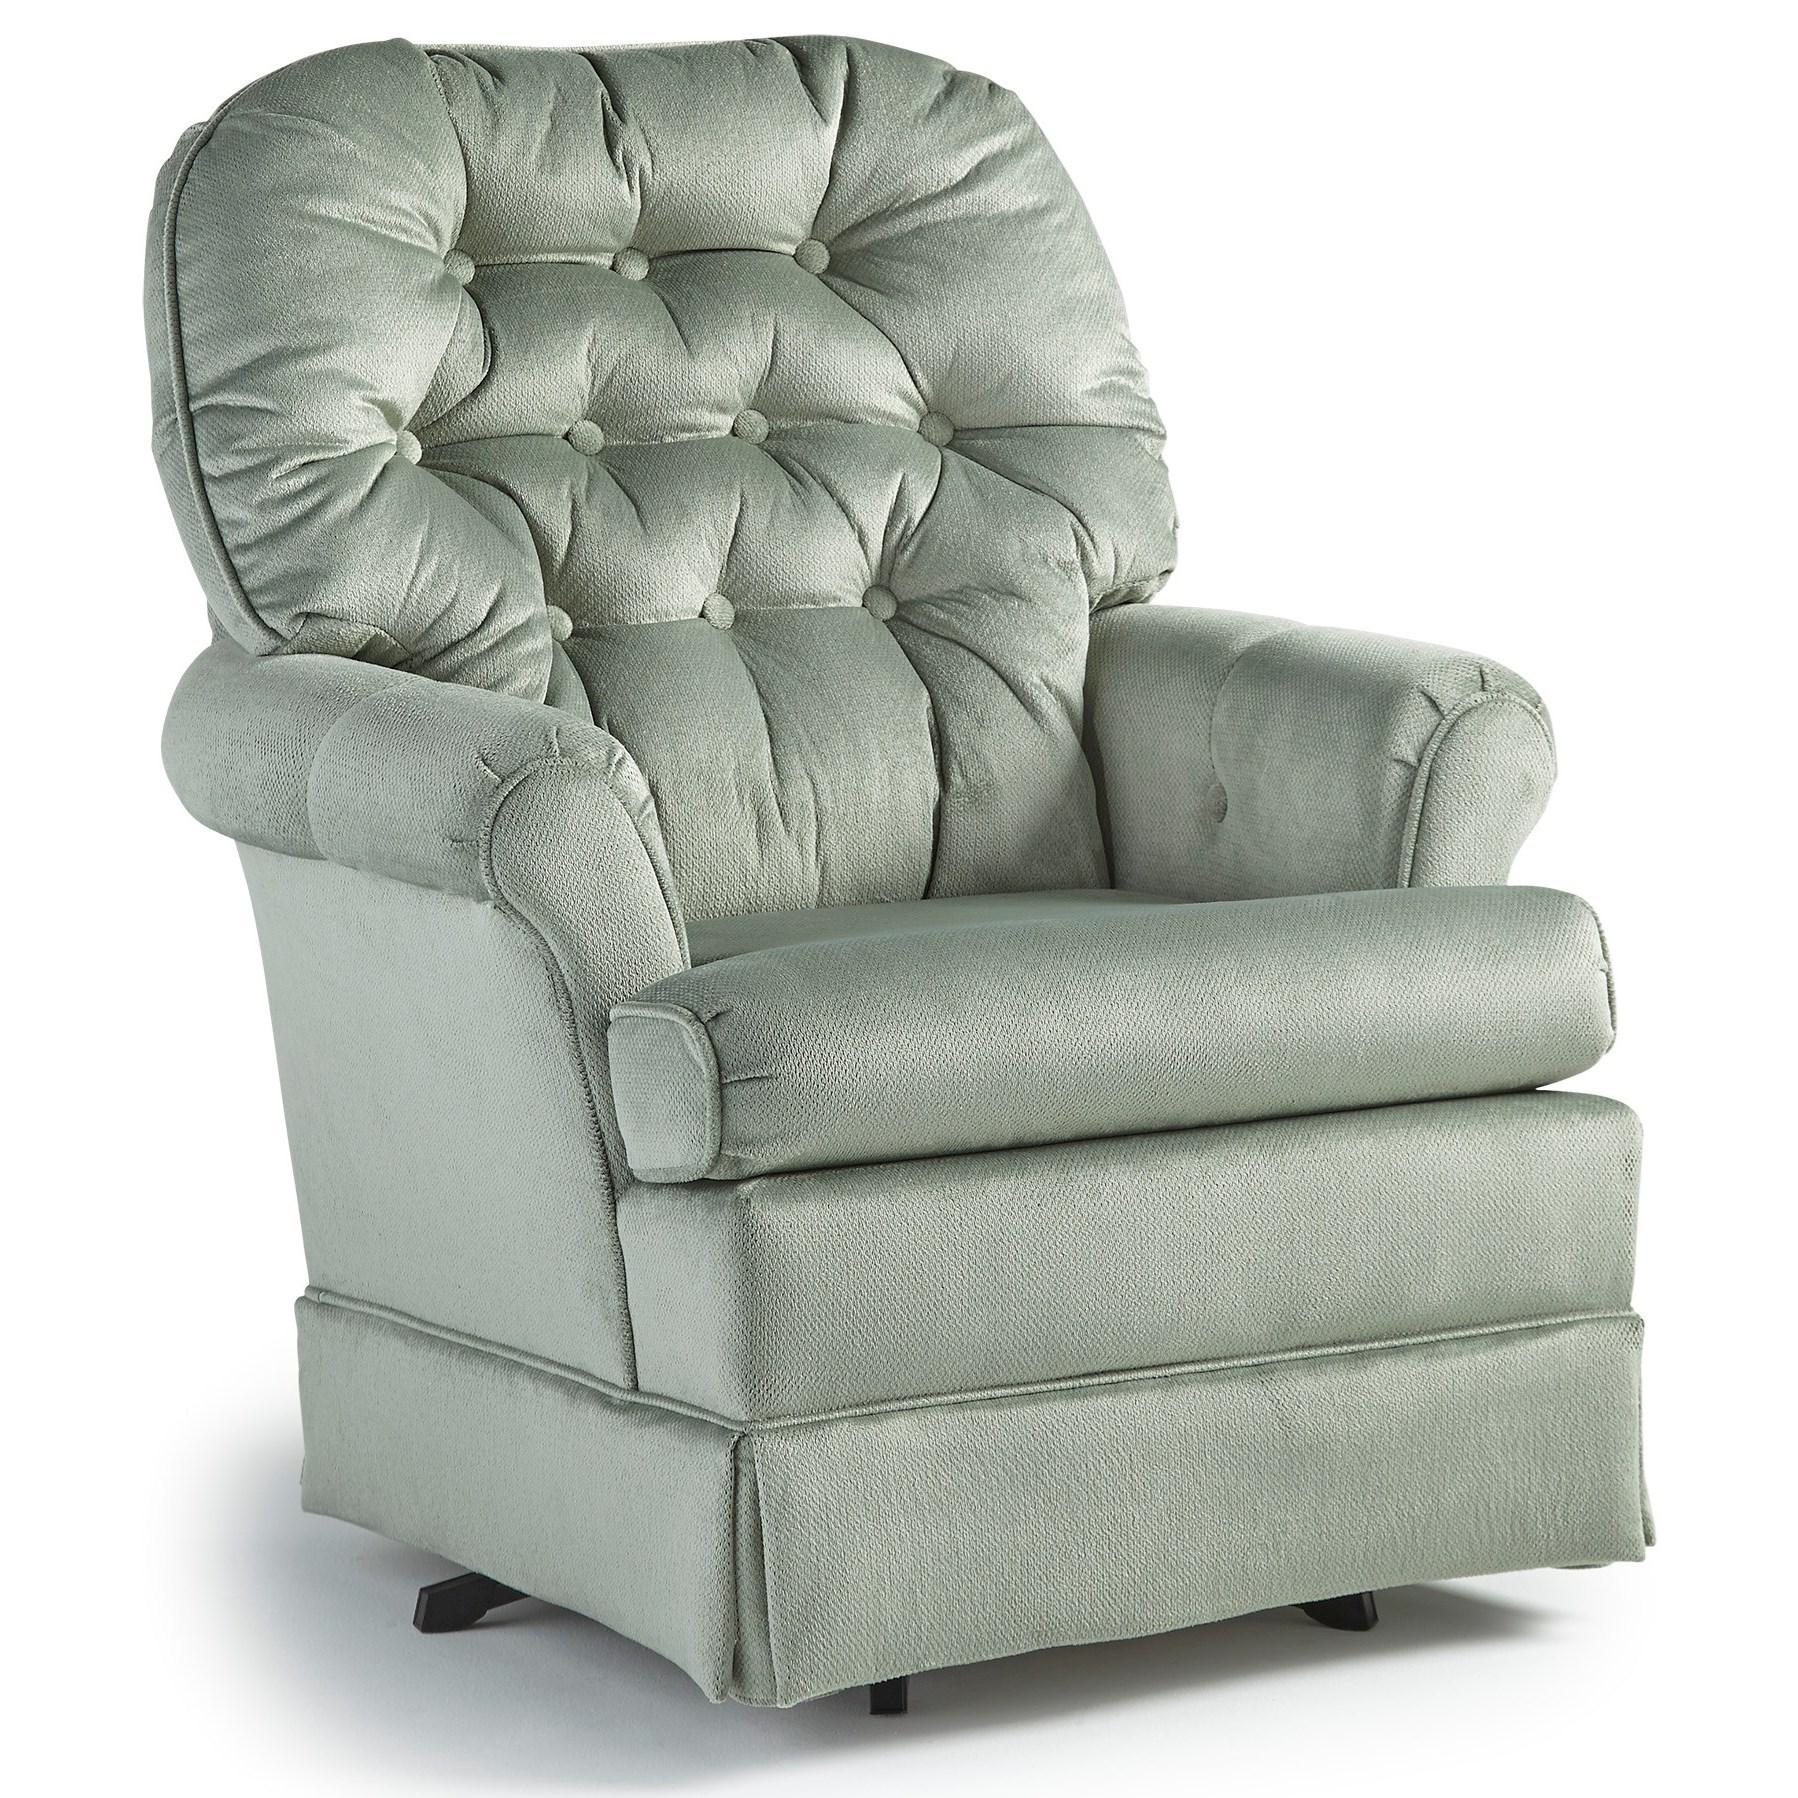 Best Home Furnishings Swivel Glide Chairs Marla Swivel Rocker Chair